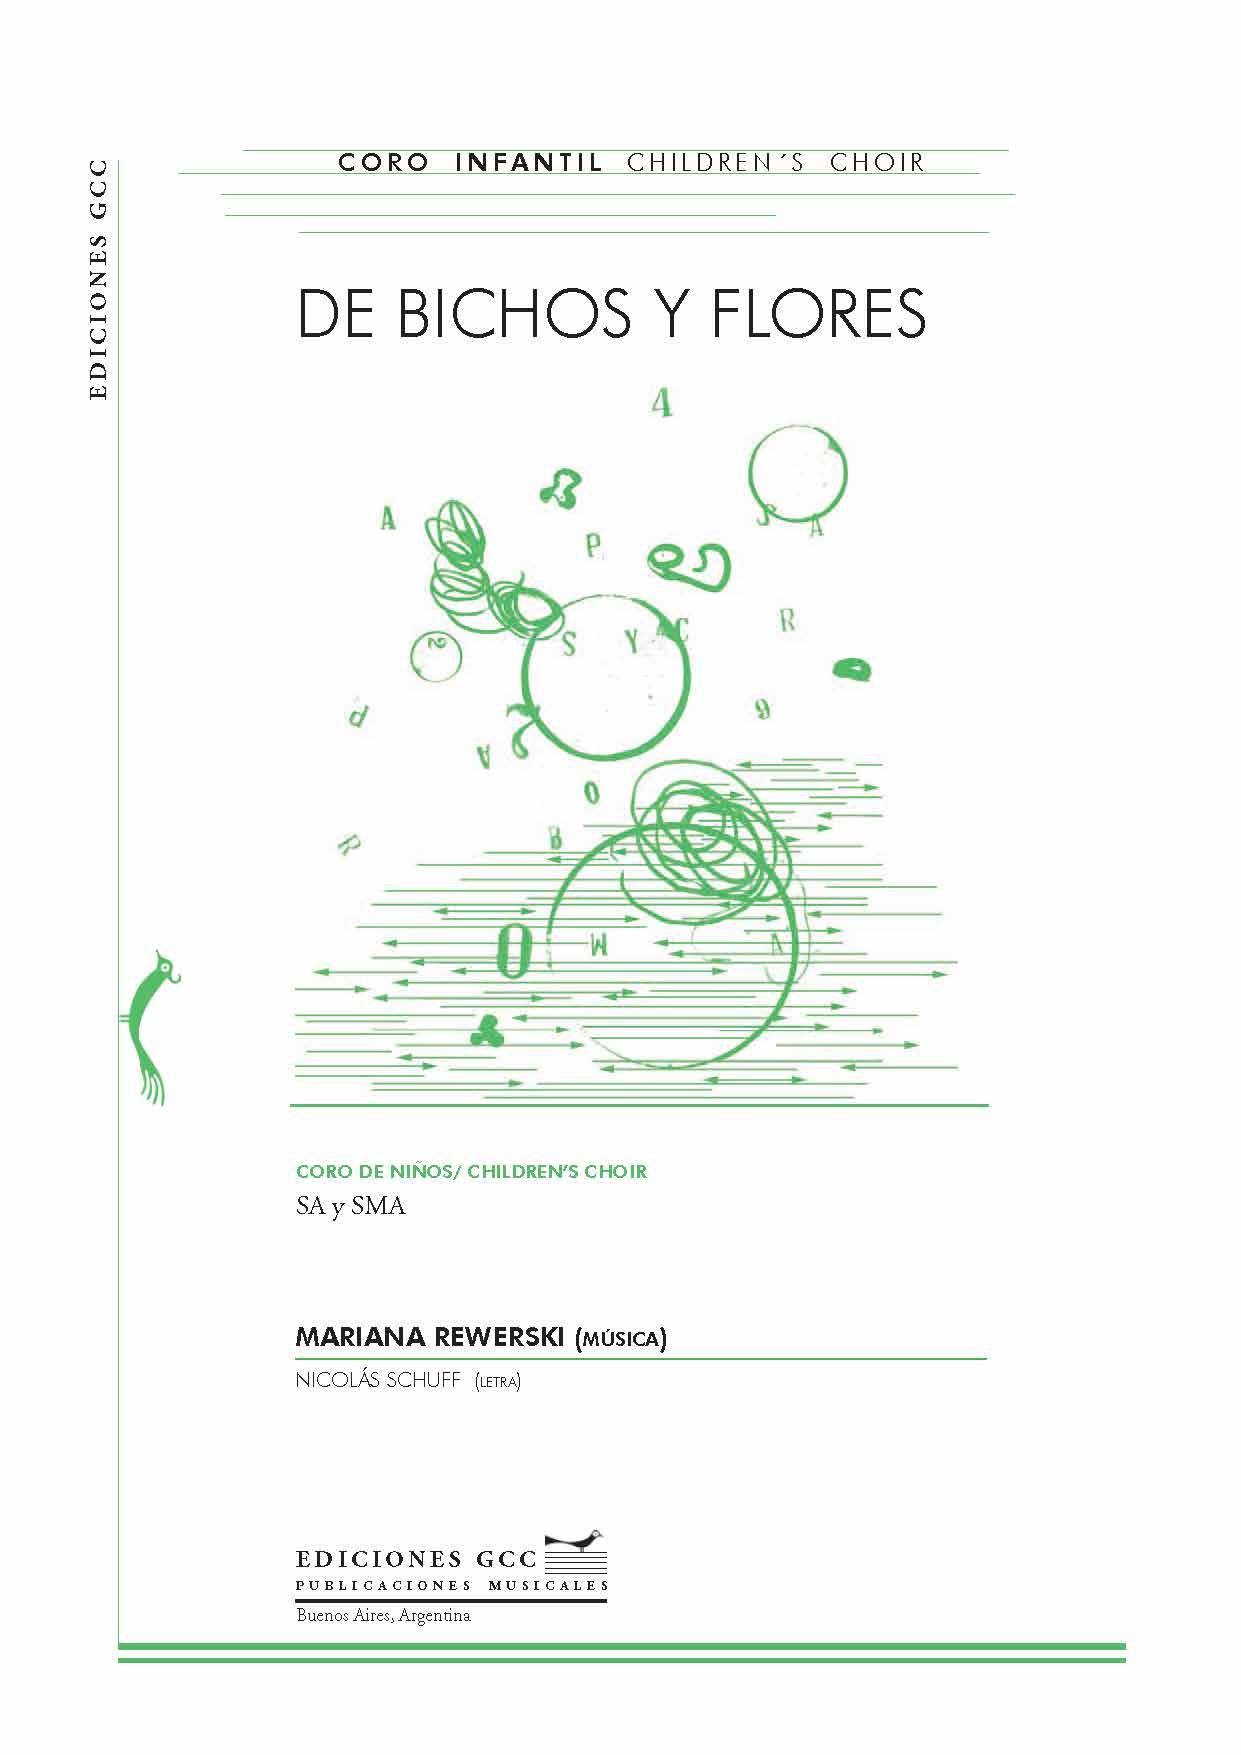 De bichos y flores